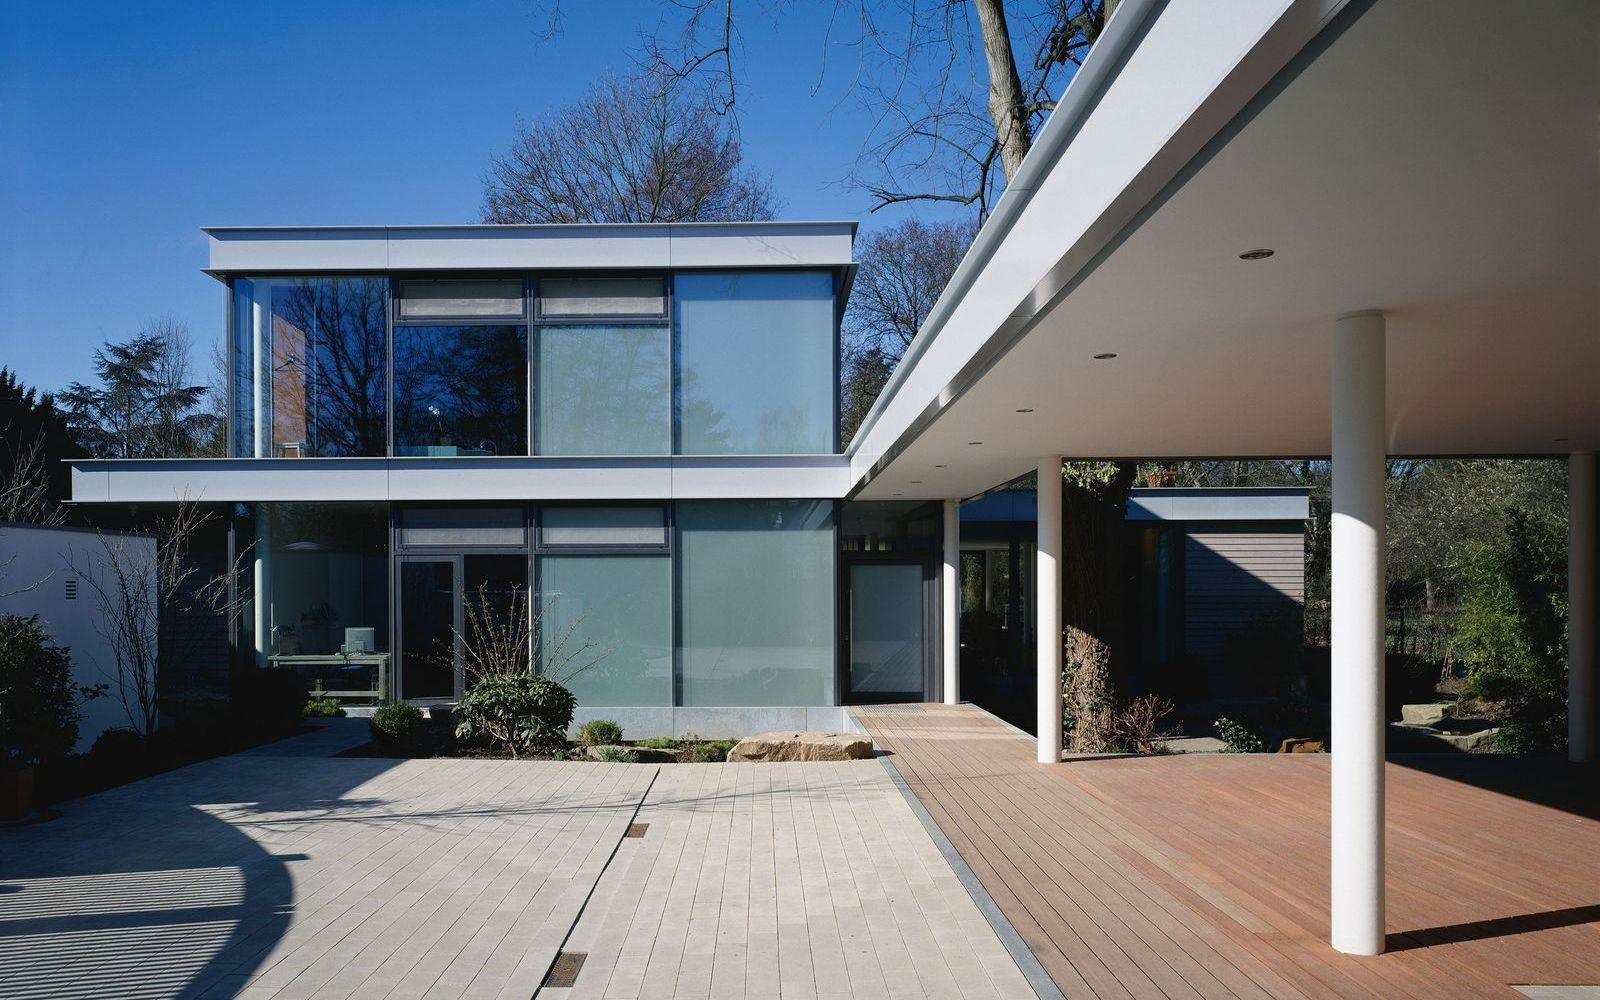 lindner architekten architektur st dtebau und denkmalpflege. Black Bedroom Furniture Sets. Home Design Ideas